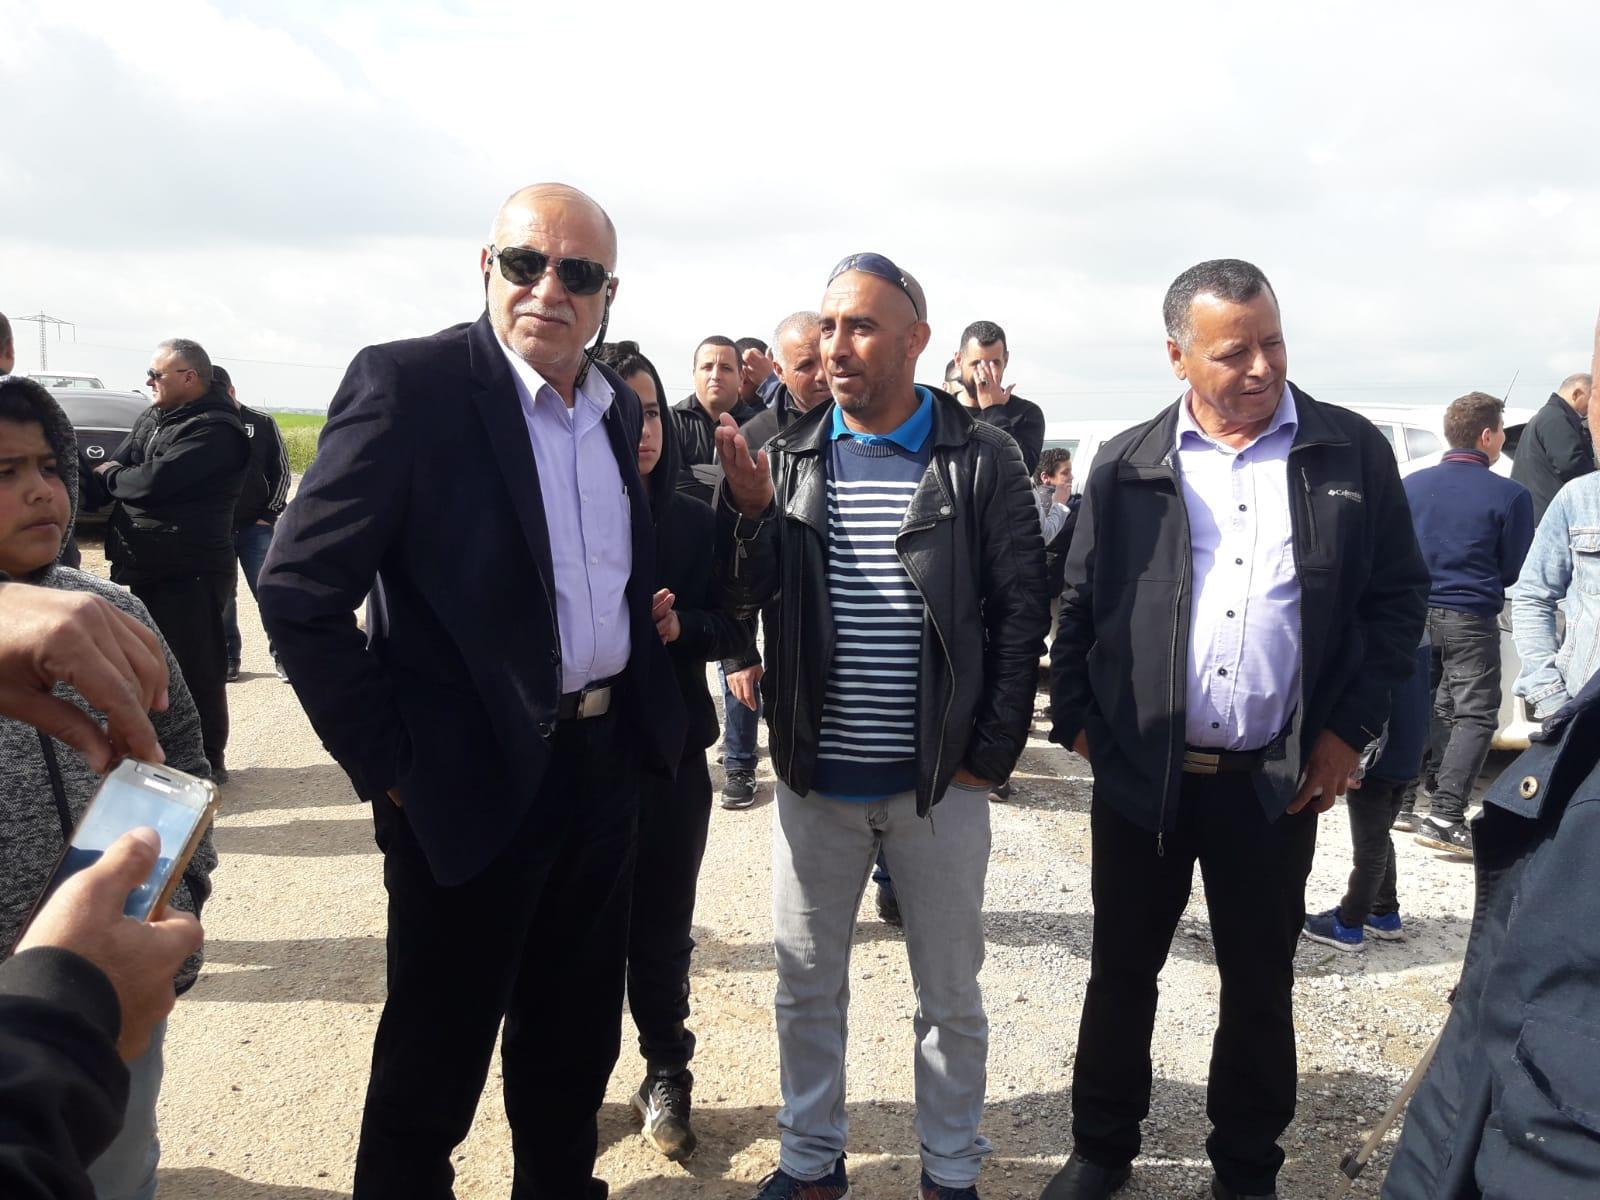 النقب: انتشار مكثف للشرطة بعد إعلان الإضراب في أم نميلة